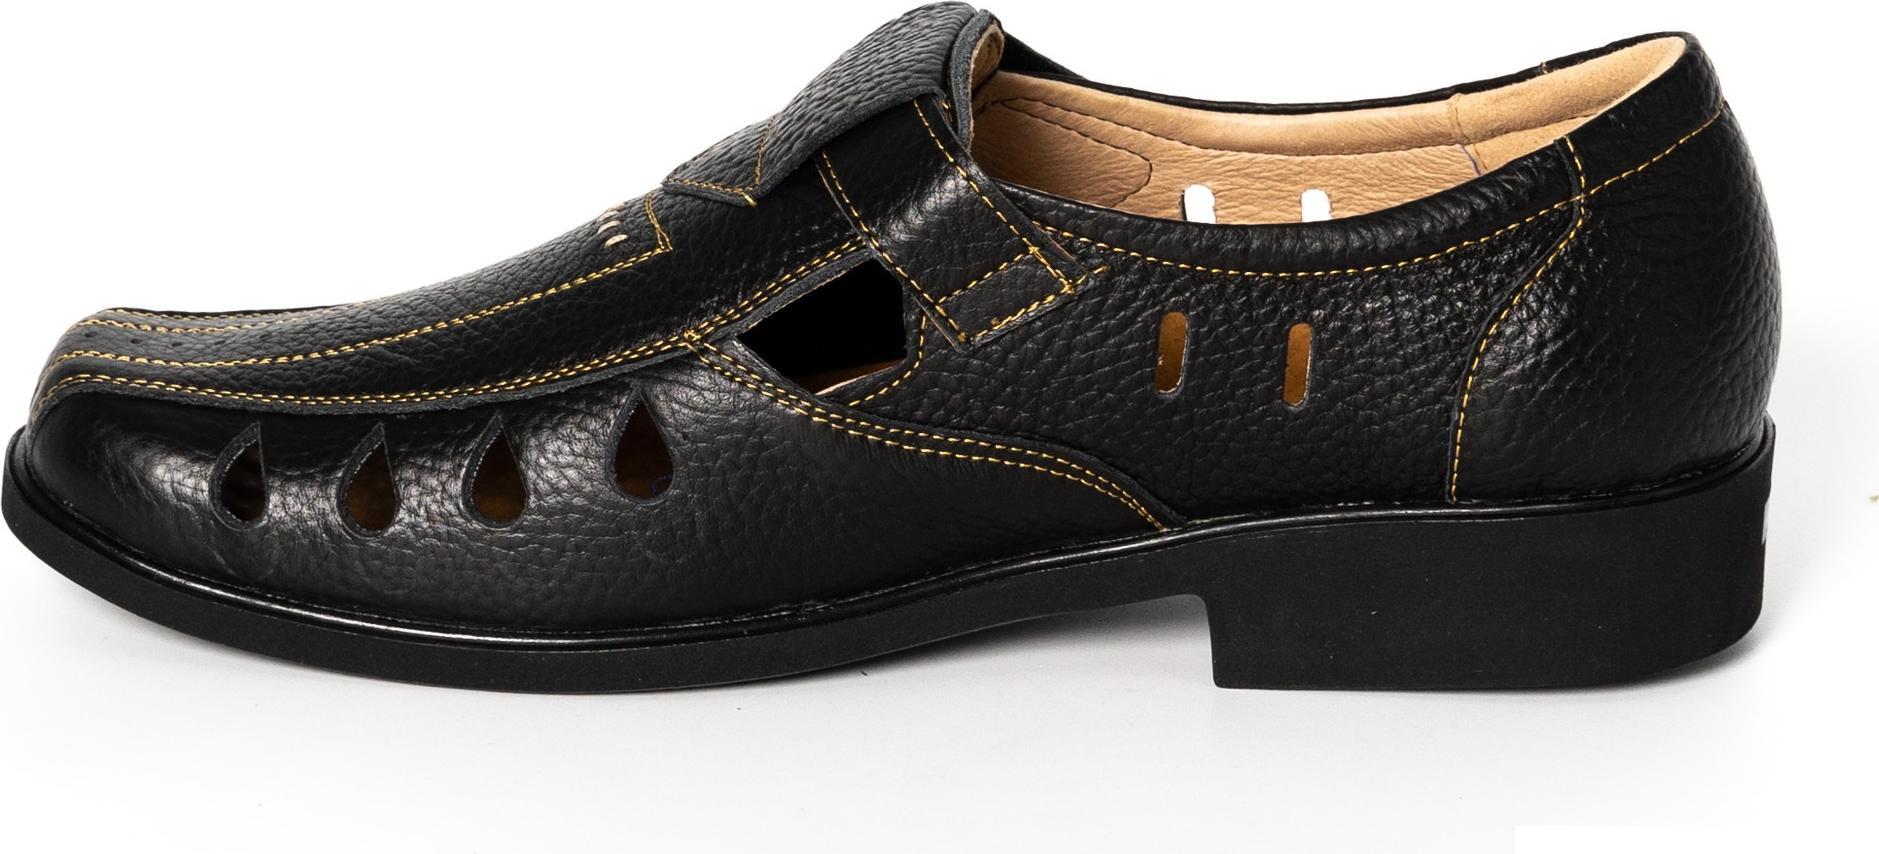 Giày rọ _ Giày đục lỗ da bò thật cổ điển VO Shoes_PH998